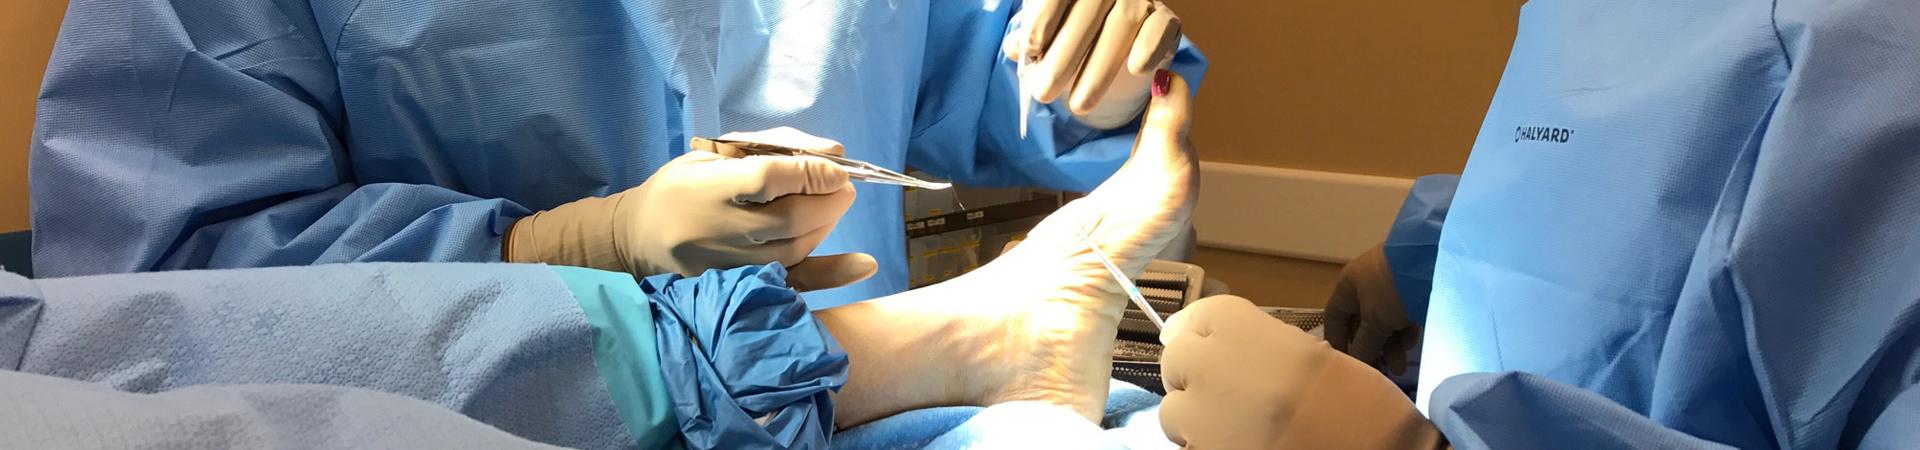 Complex Limb Reconstruction